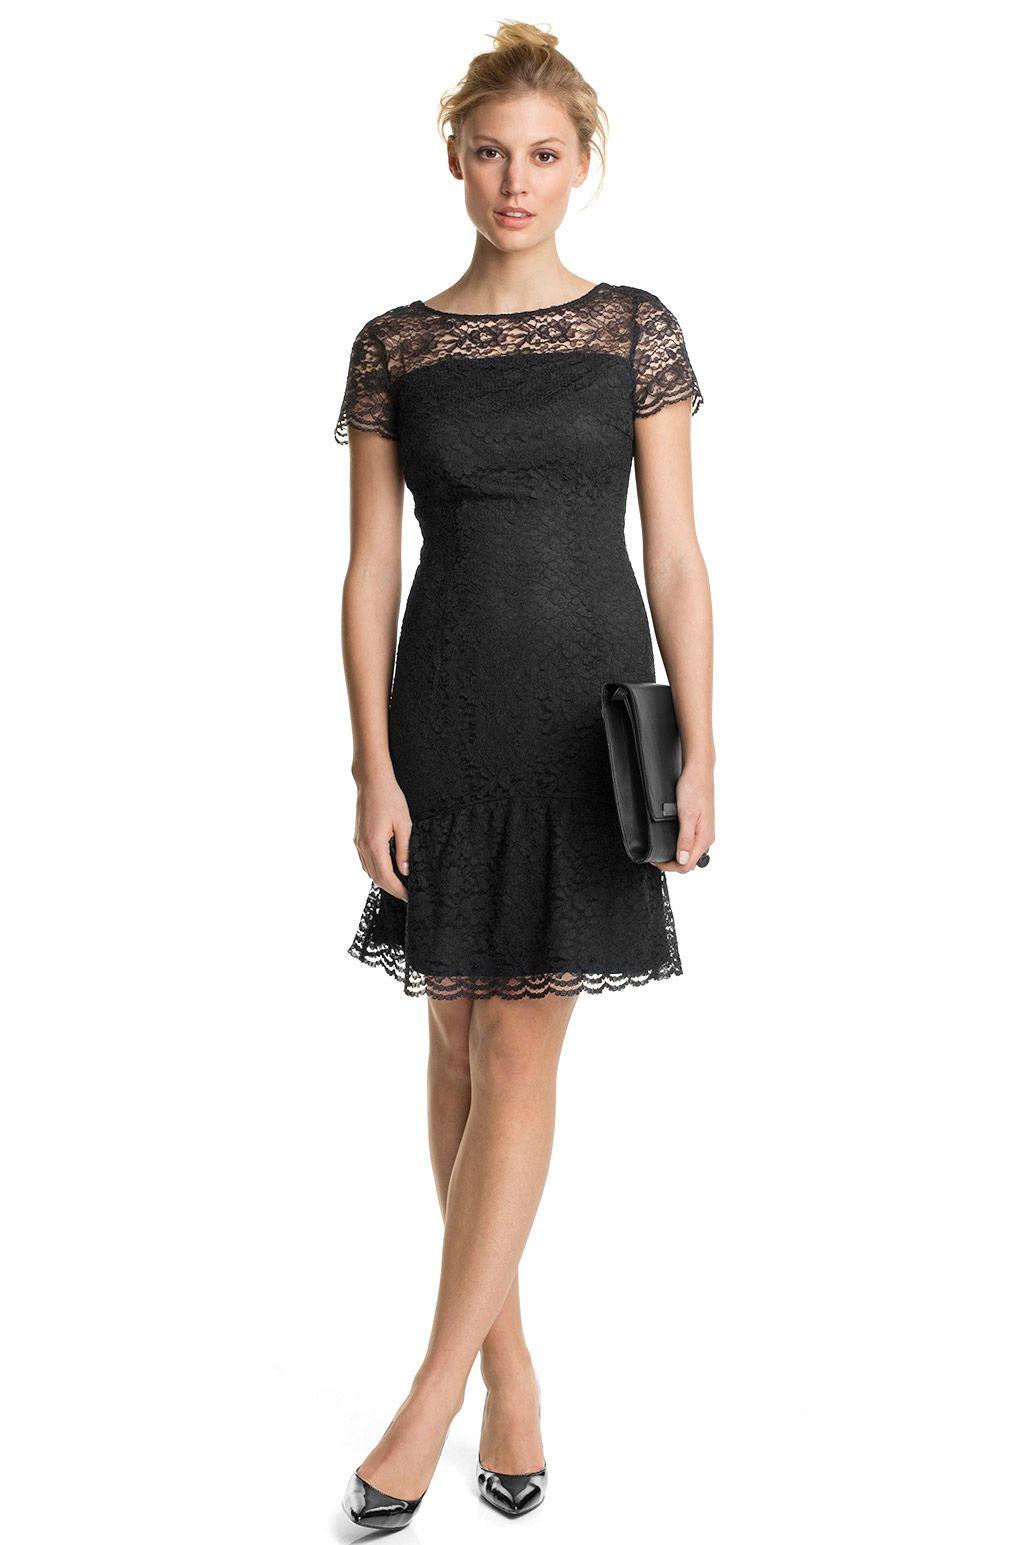 fc84821f8b45 Esprit - Kleid aus Spitze mit Saumrüsche im Online Shop kaufen ...